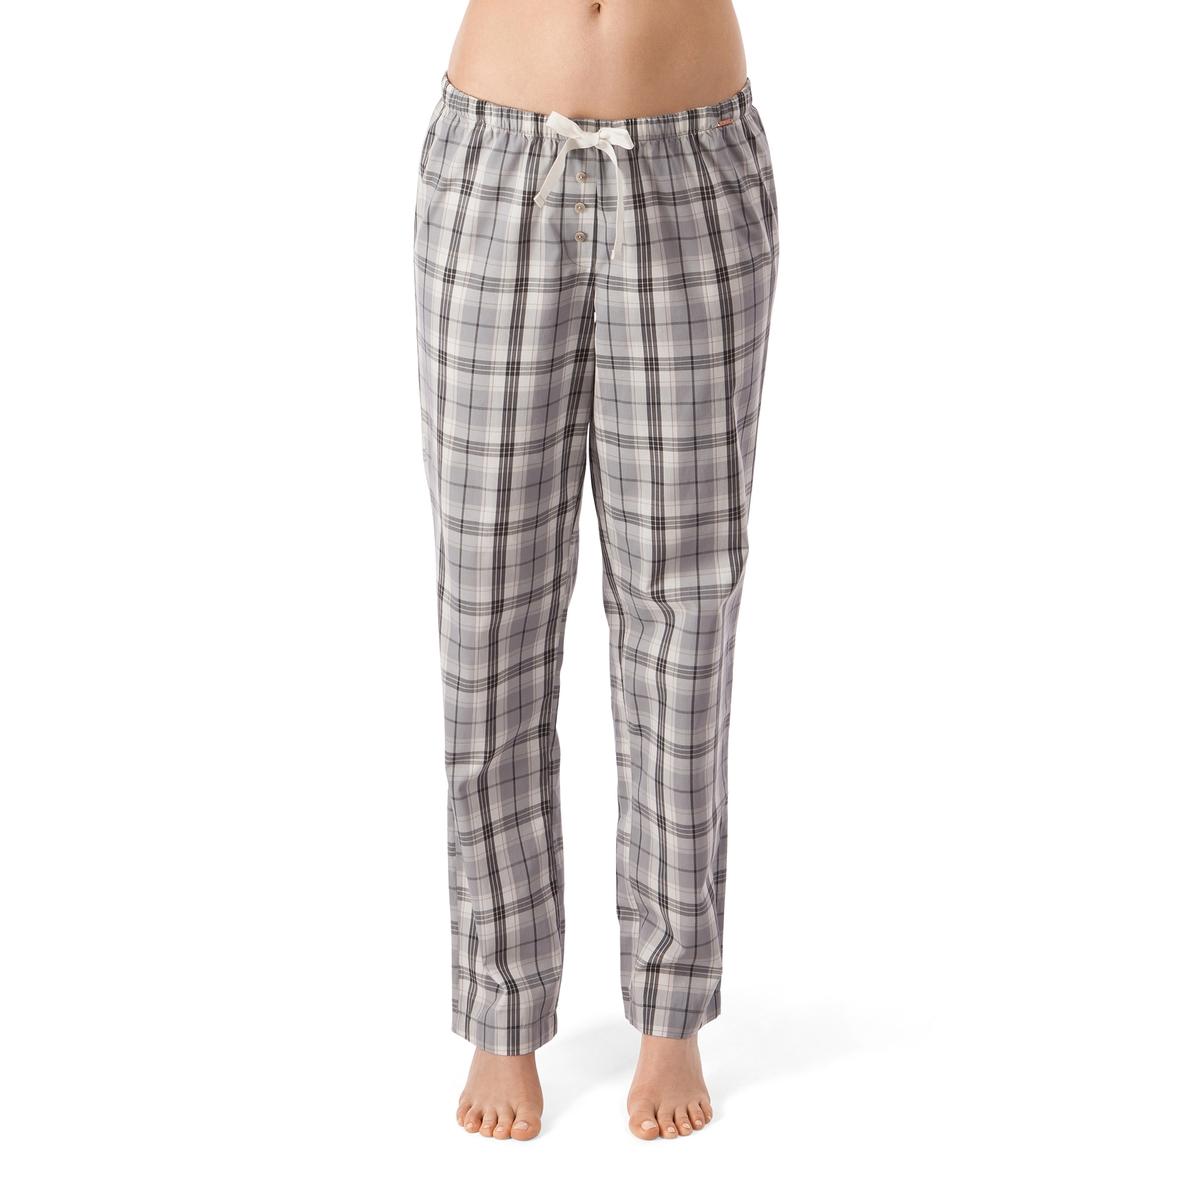 Брюки пижамные из хлопка, Sleep DreamСостав и детали :Материал : 100% хлопка Подкладка : -   Марка : SKINNYУход :Машинная стирка при 30°.Машинная сушка запрещена.Не гладить.<br><br>Цвет: в клетку серый/розовый